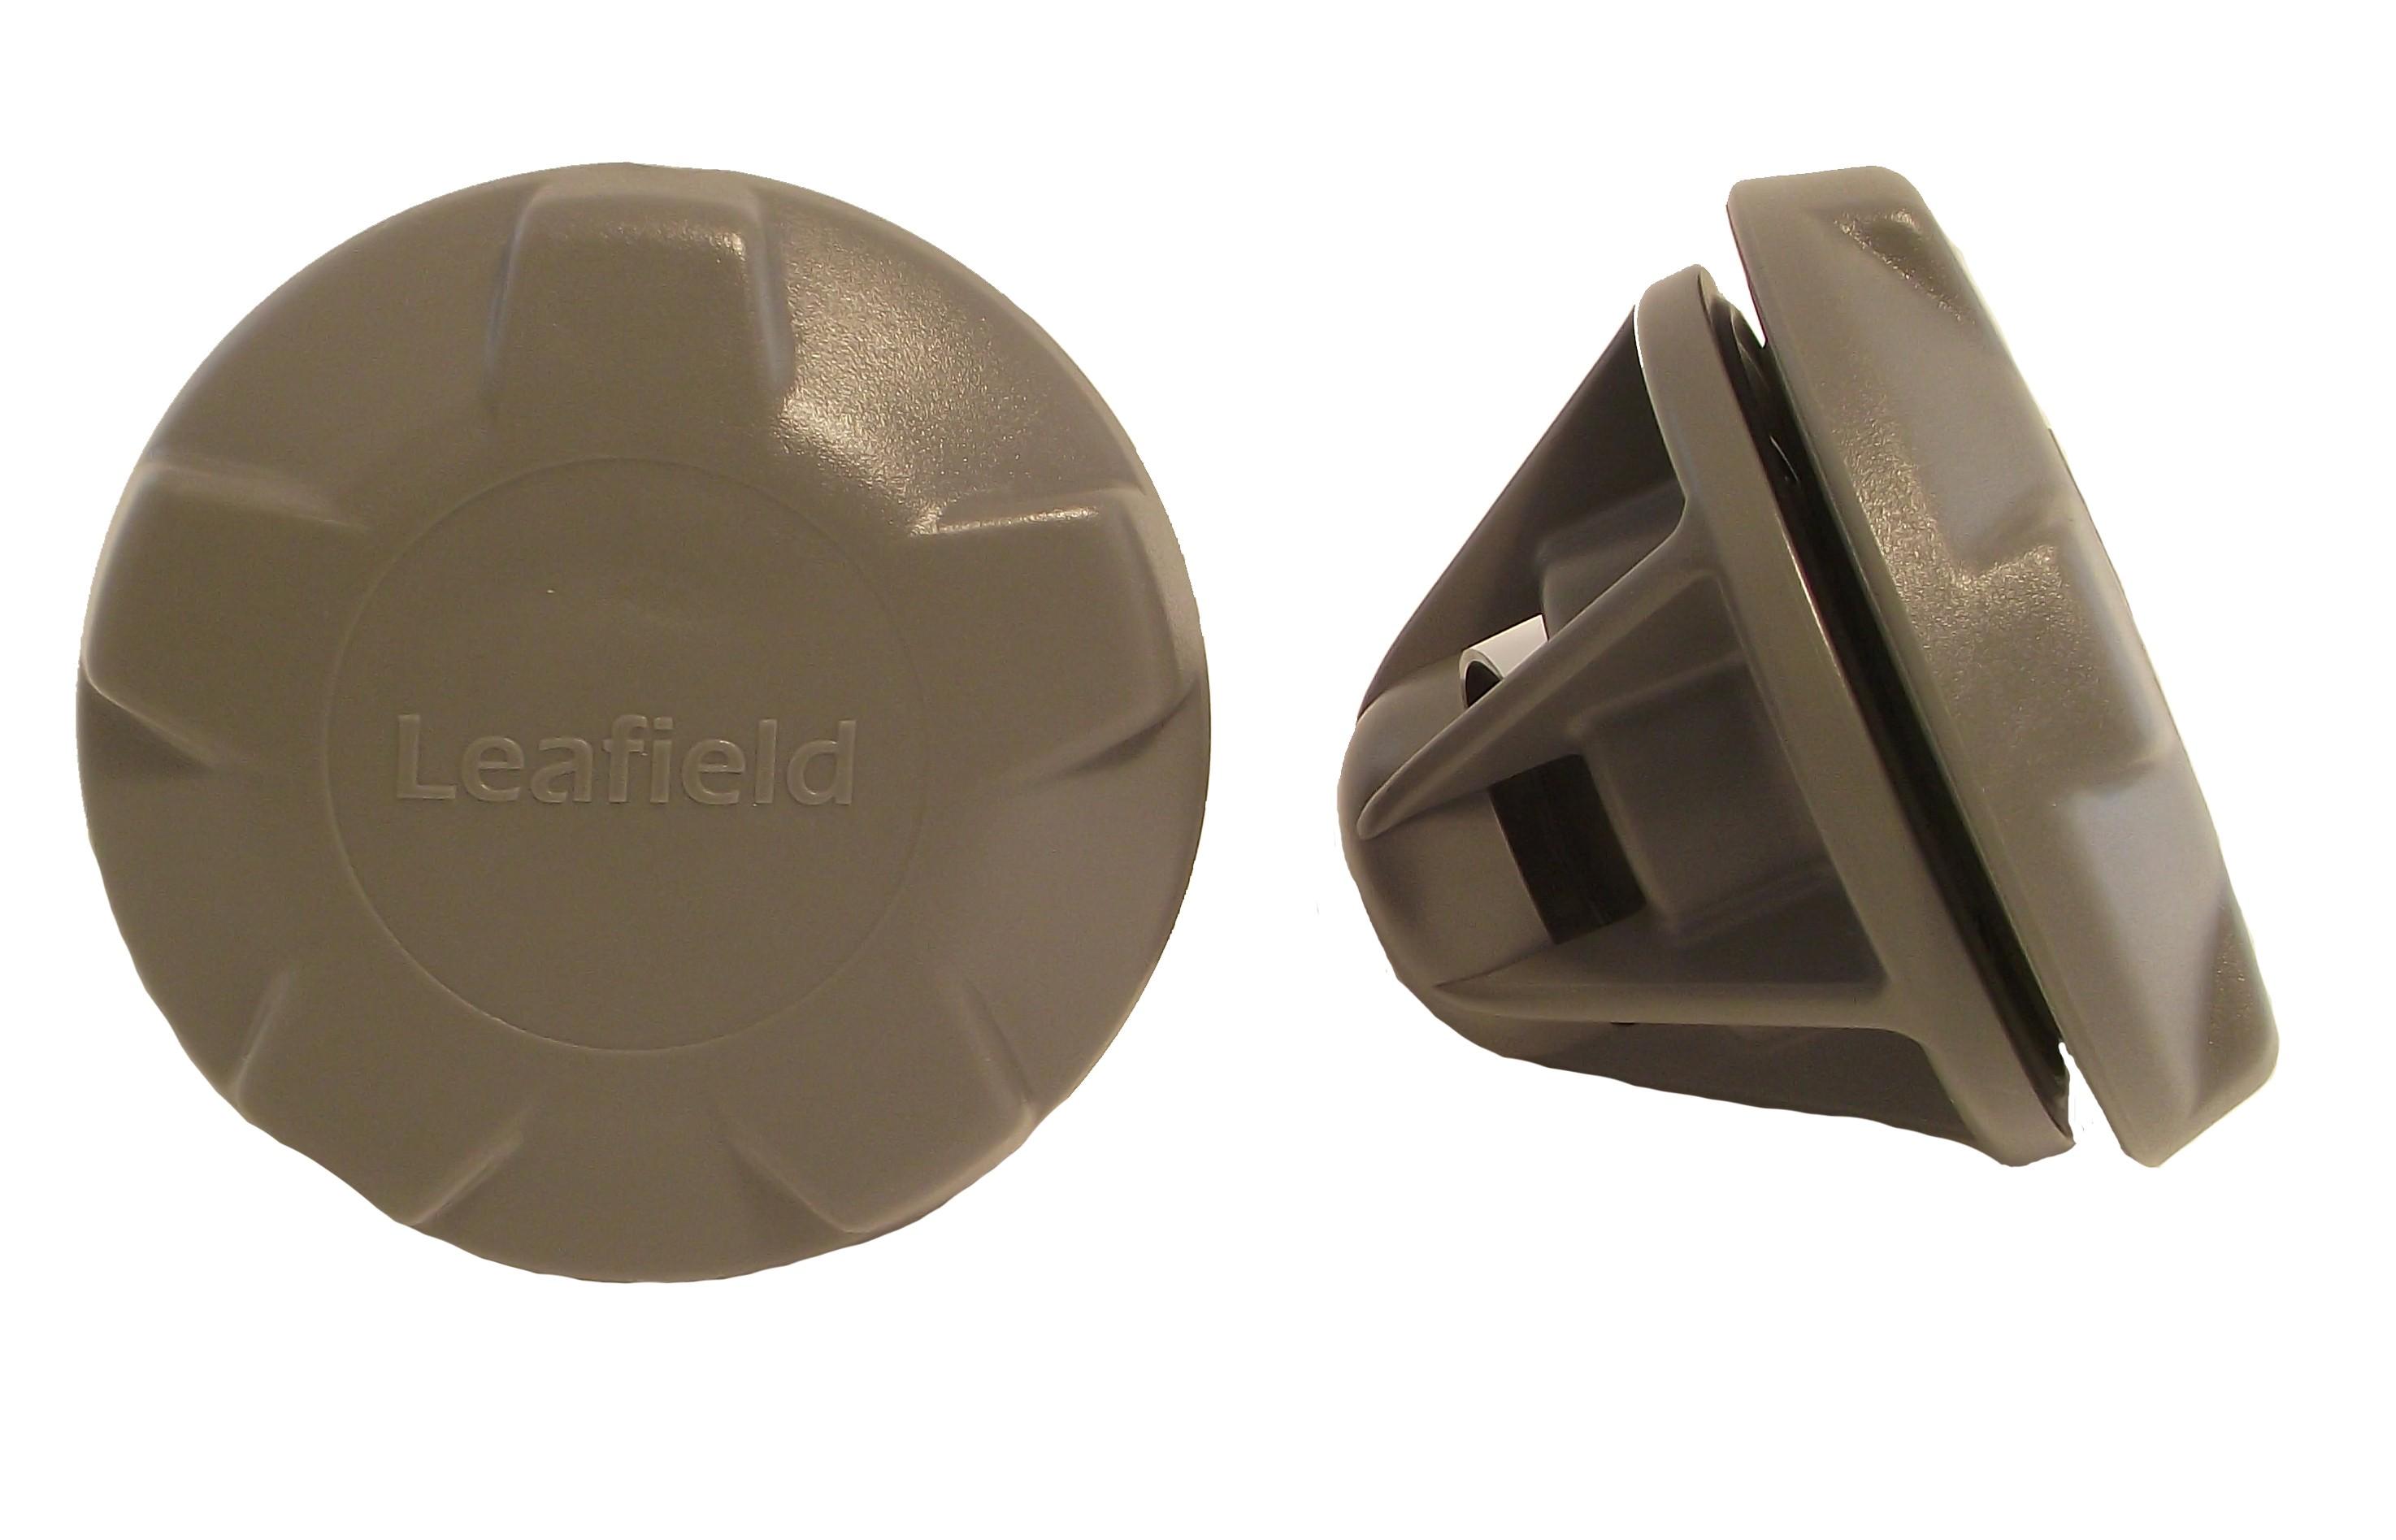 25.24 - Βαλβίδα Φουσκώματος LEAFIELD D7 Χρώμα Μαύρο